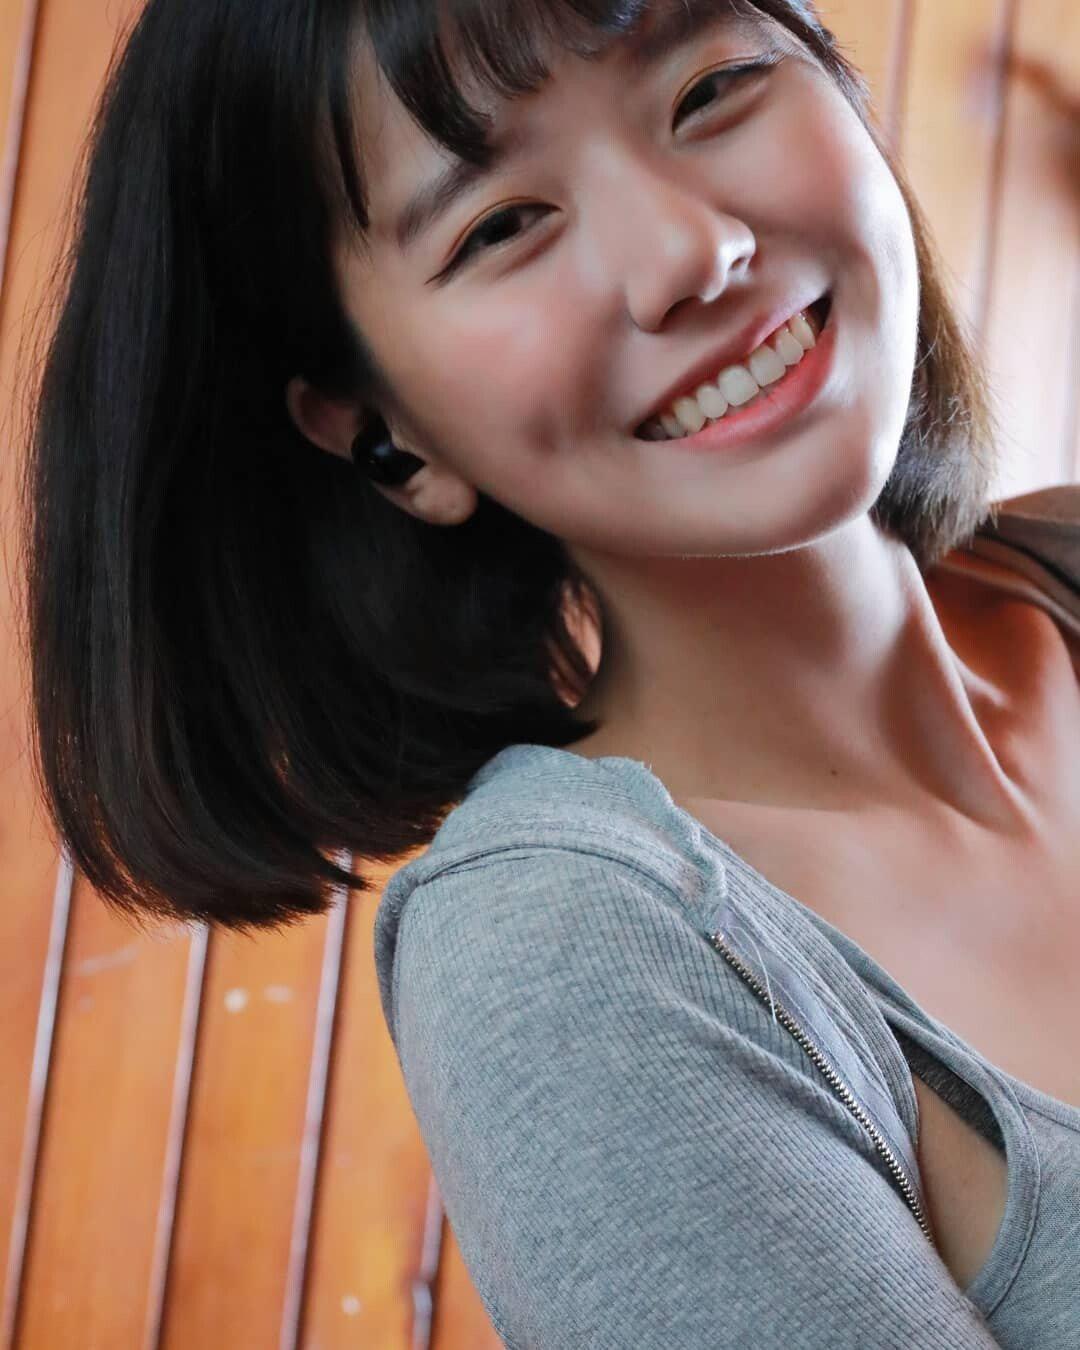 나리_ (173).jpg (ㅇㅎ) 한국 모델겸 코스프레어.jpg